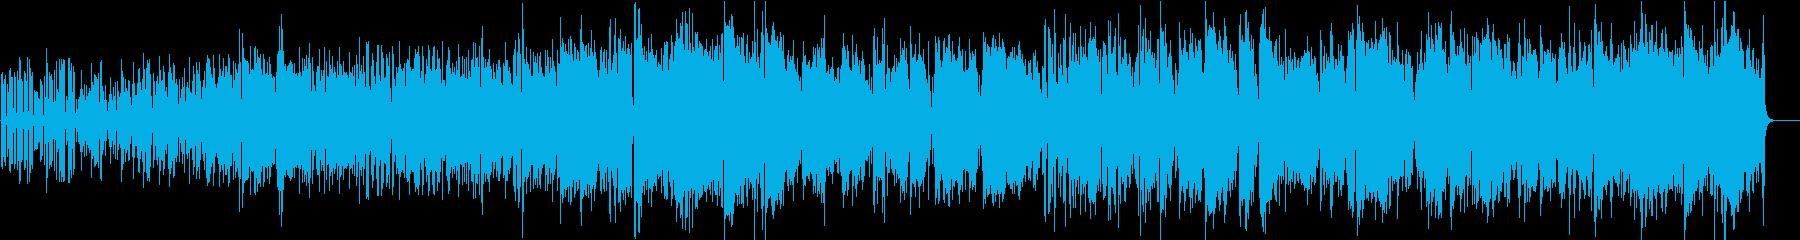 ジャズ楽器。複雑で洗練された、クー...の再生済みの波形